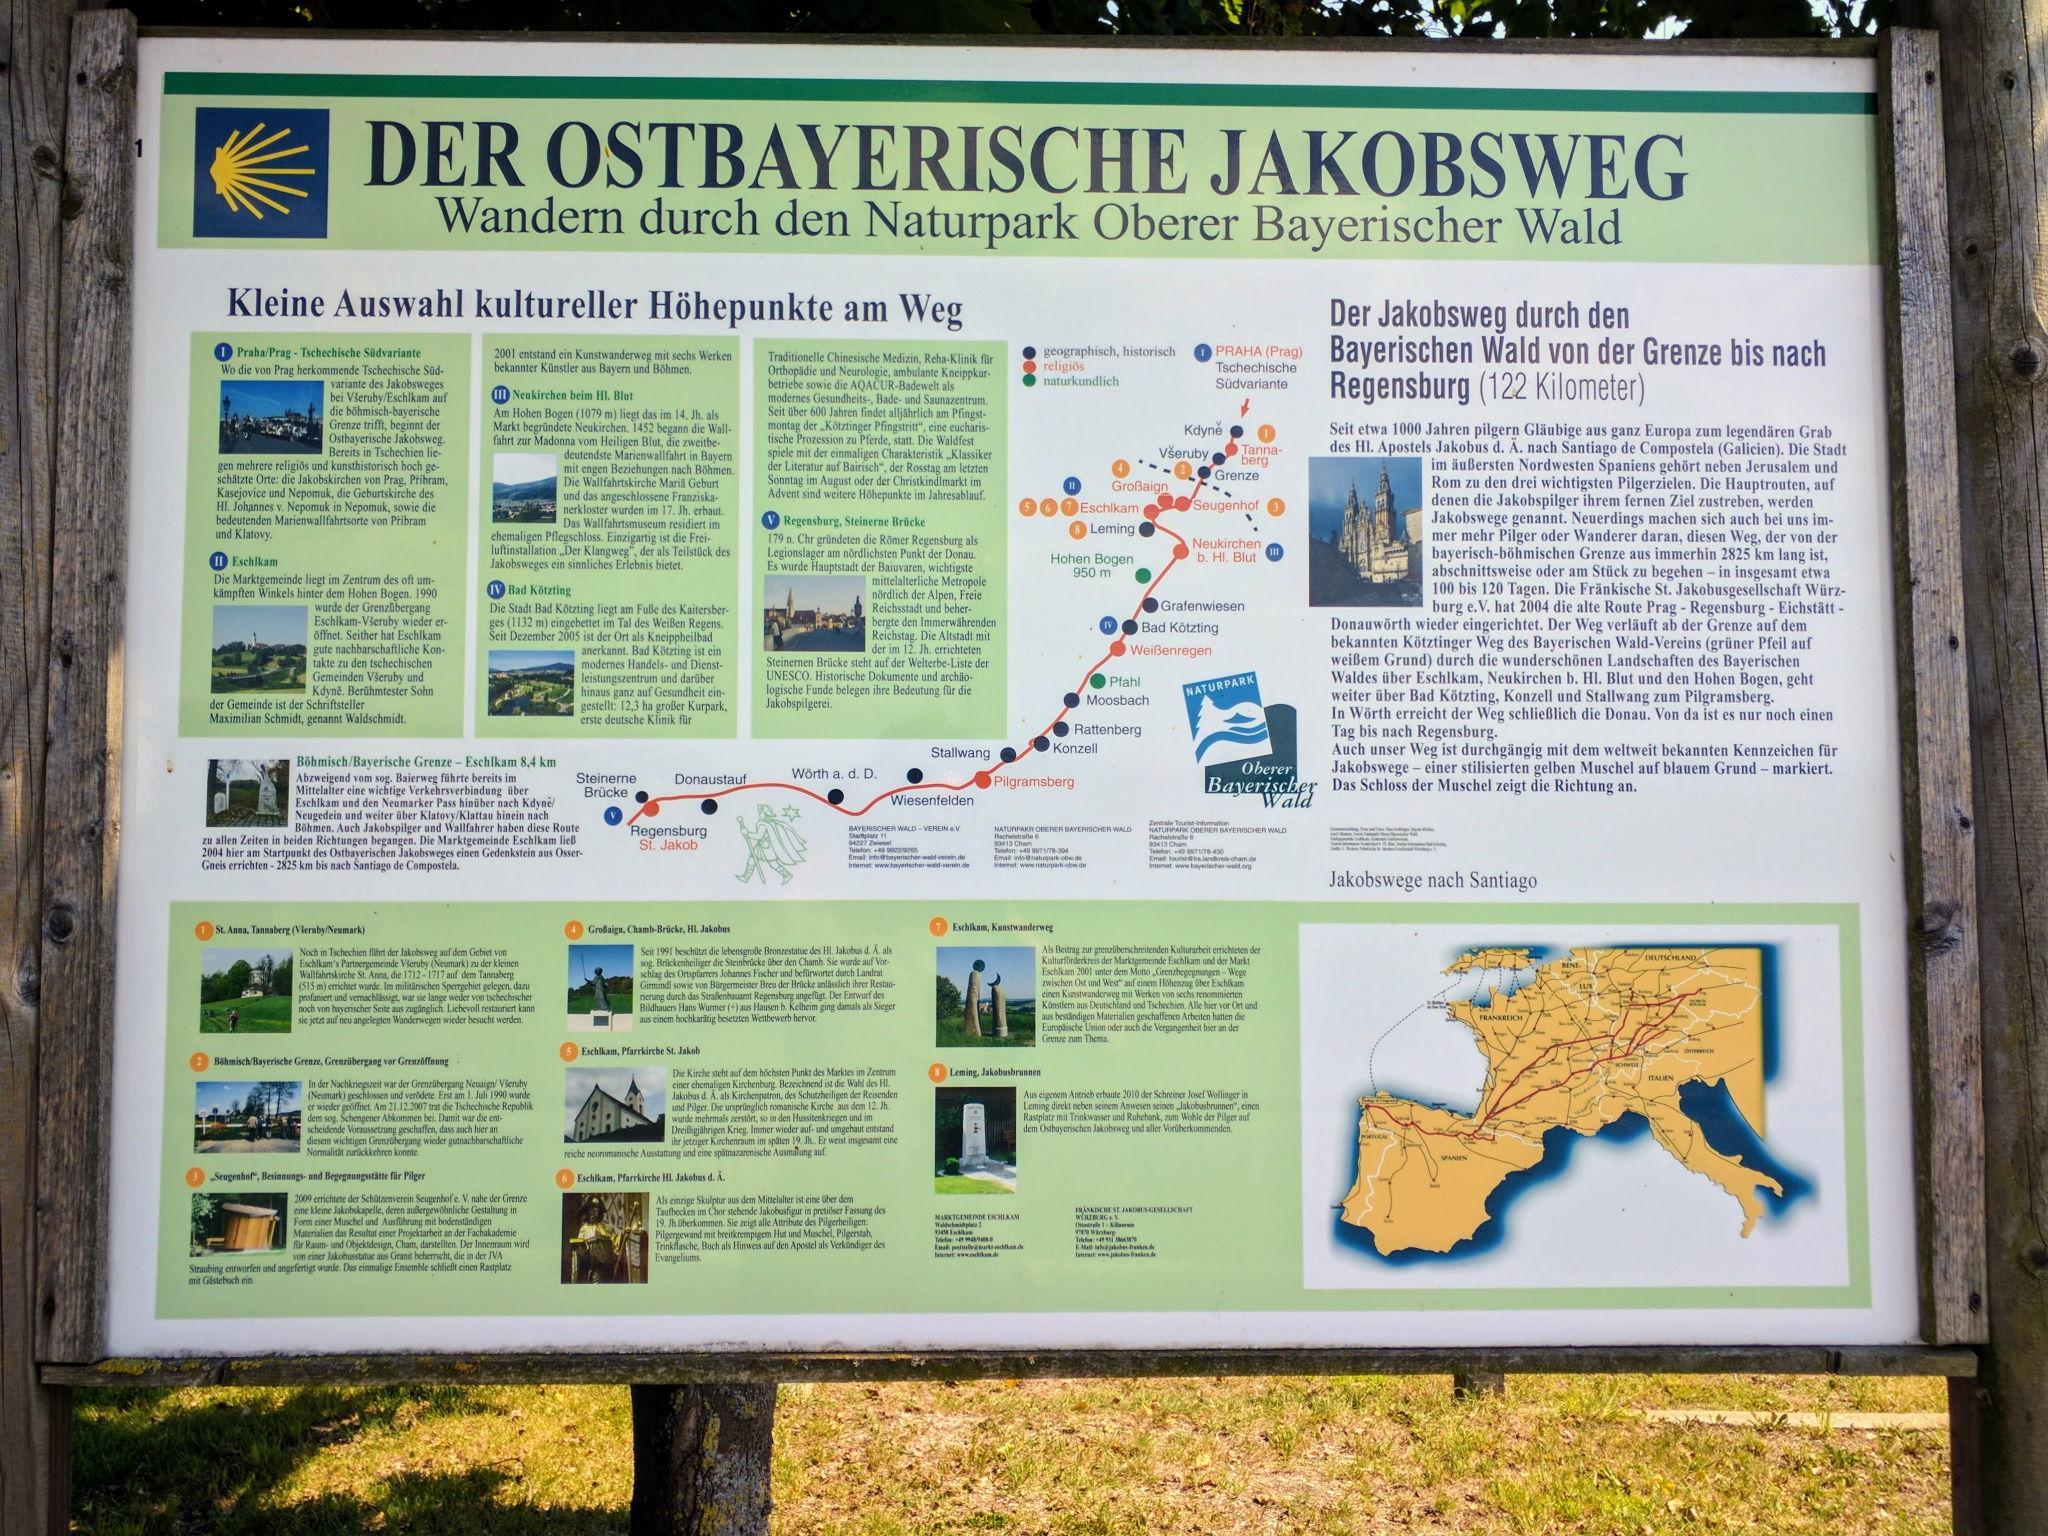 Beginn des Ostbayerischen Jakobsweges